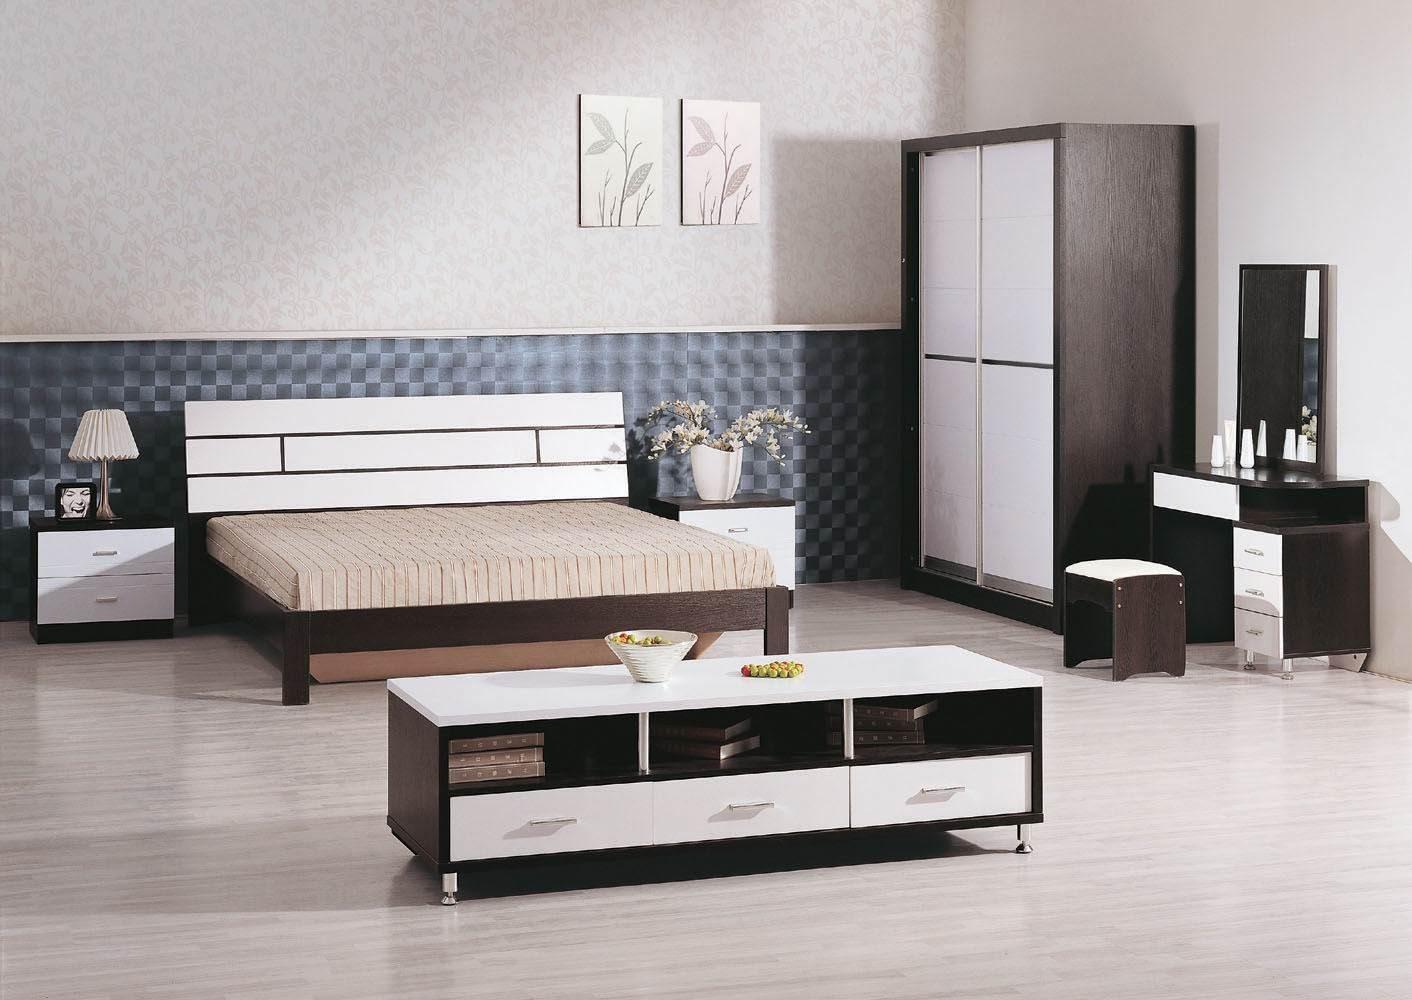 Muebles modernos para dormitorios im genes y fotos for Mesas para muebles modernas